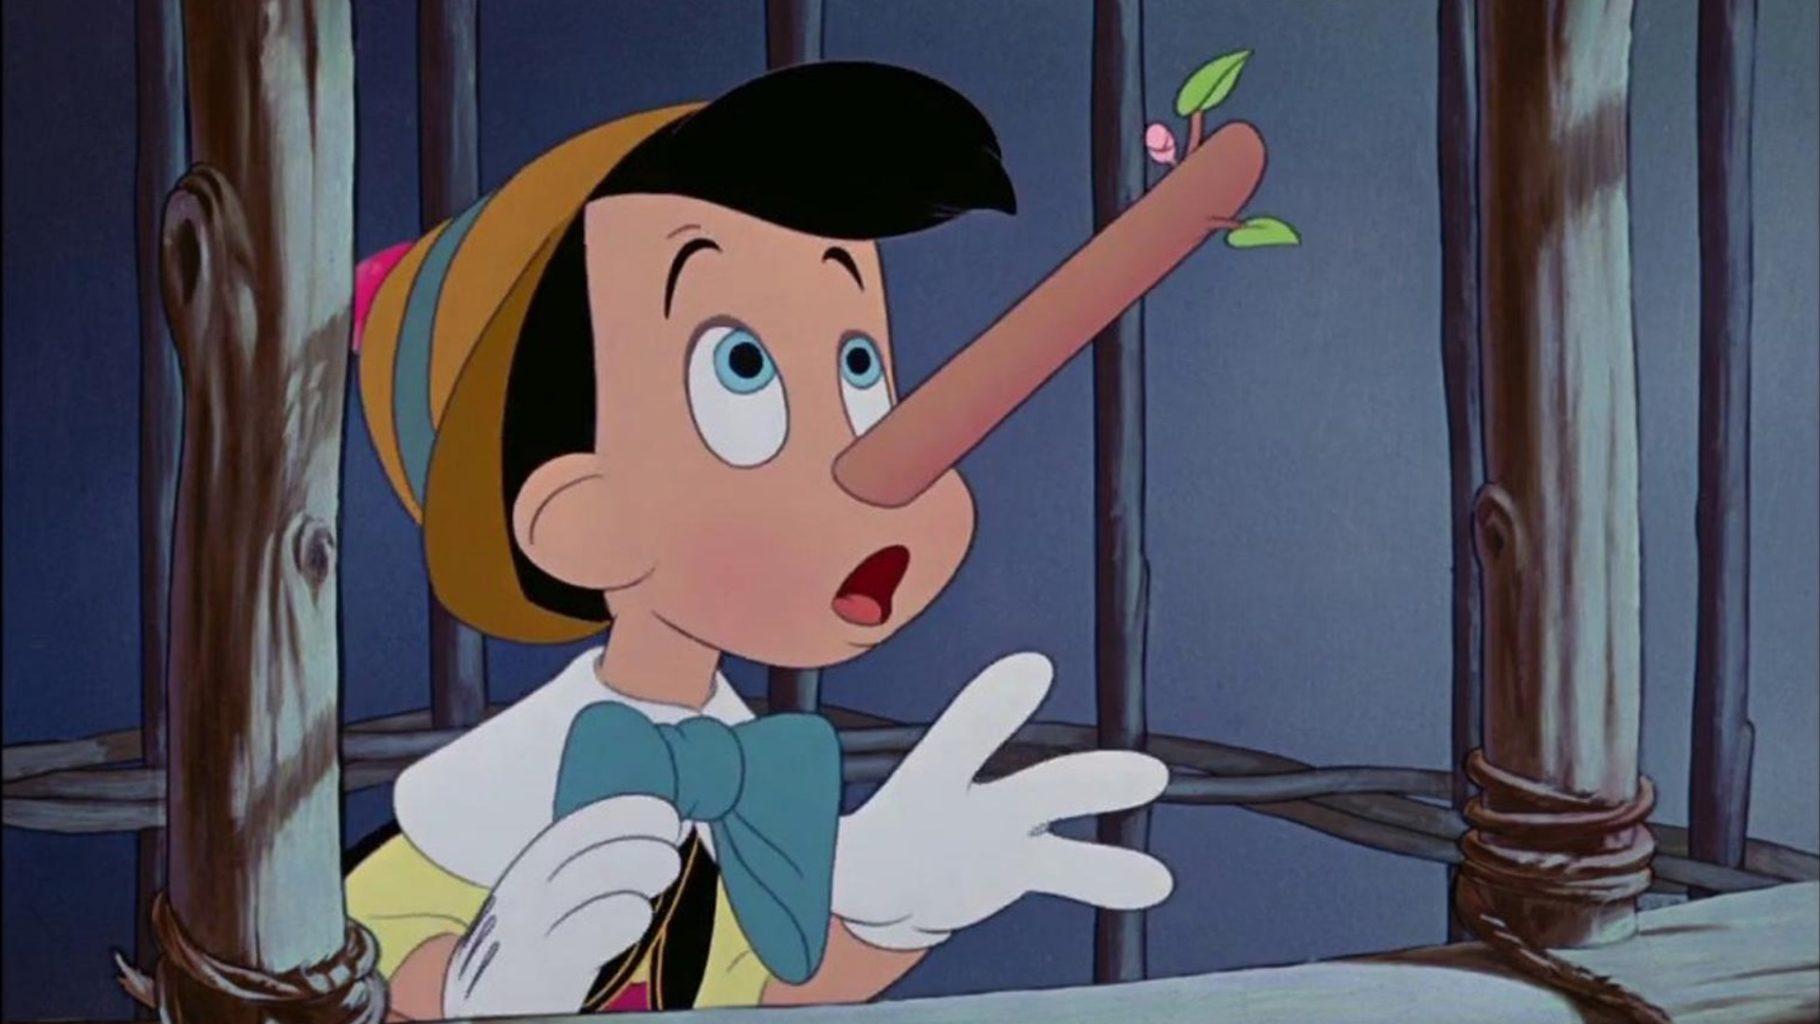 Pinocchio a le nez qui s'allonge